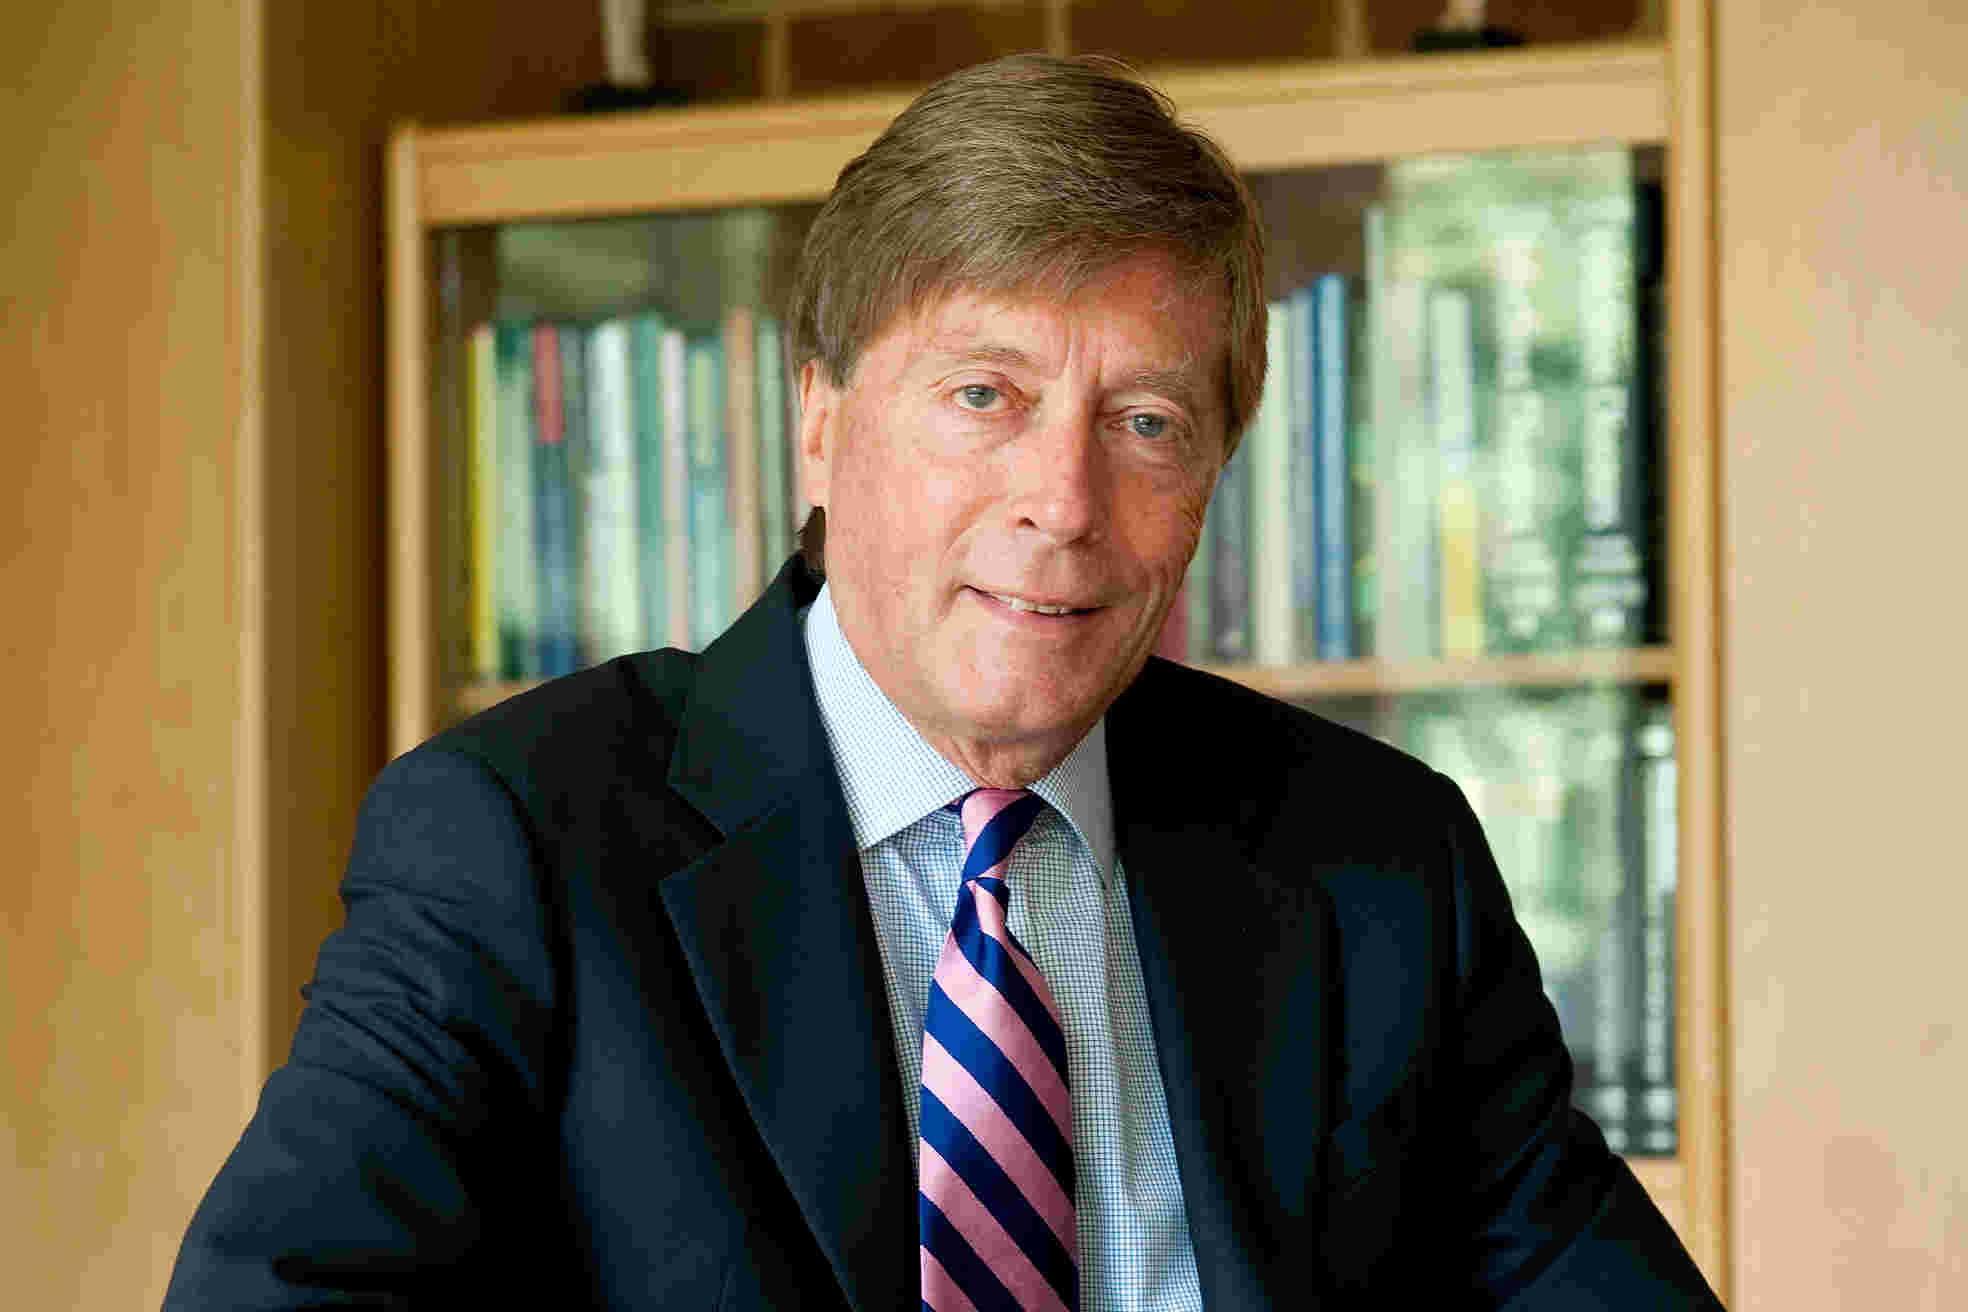 Michael Farthing